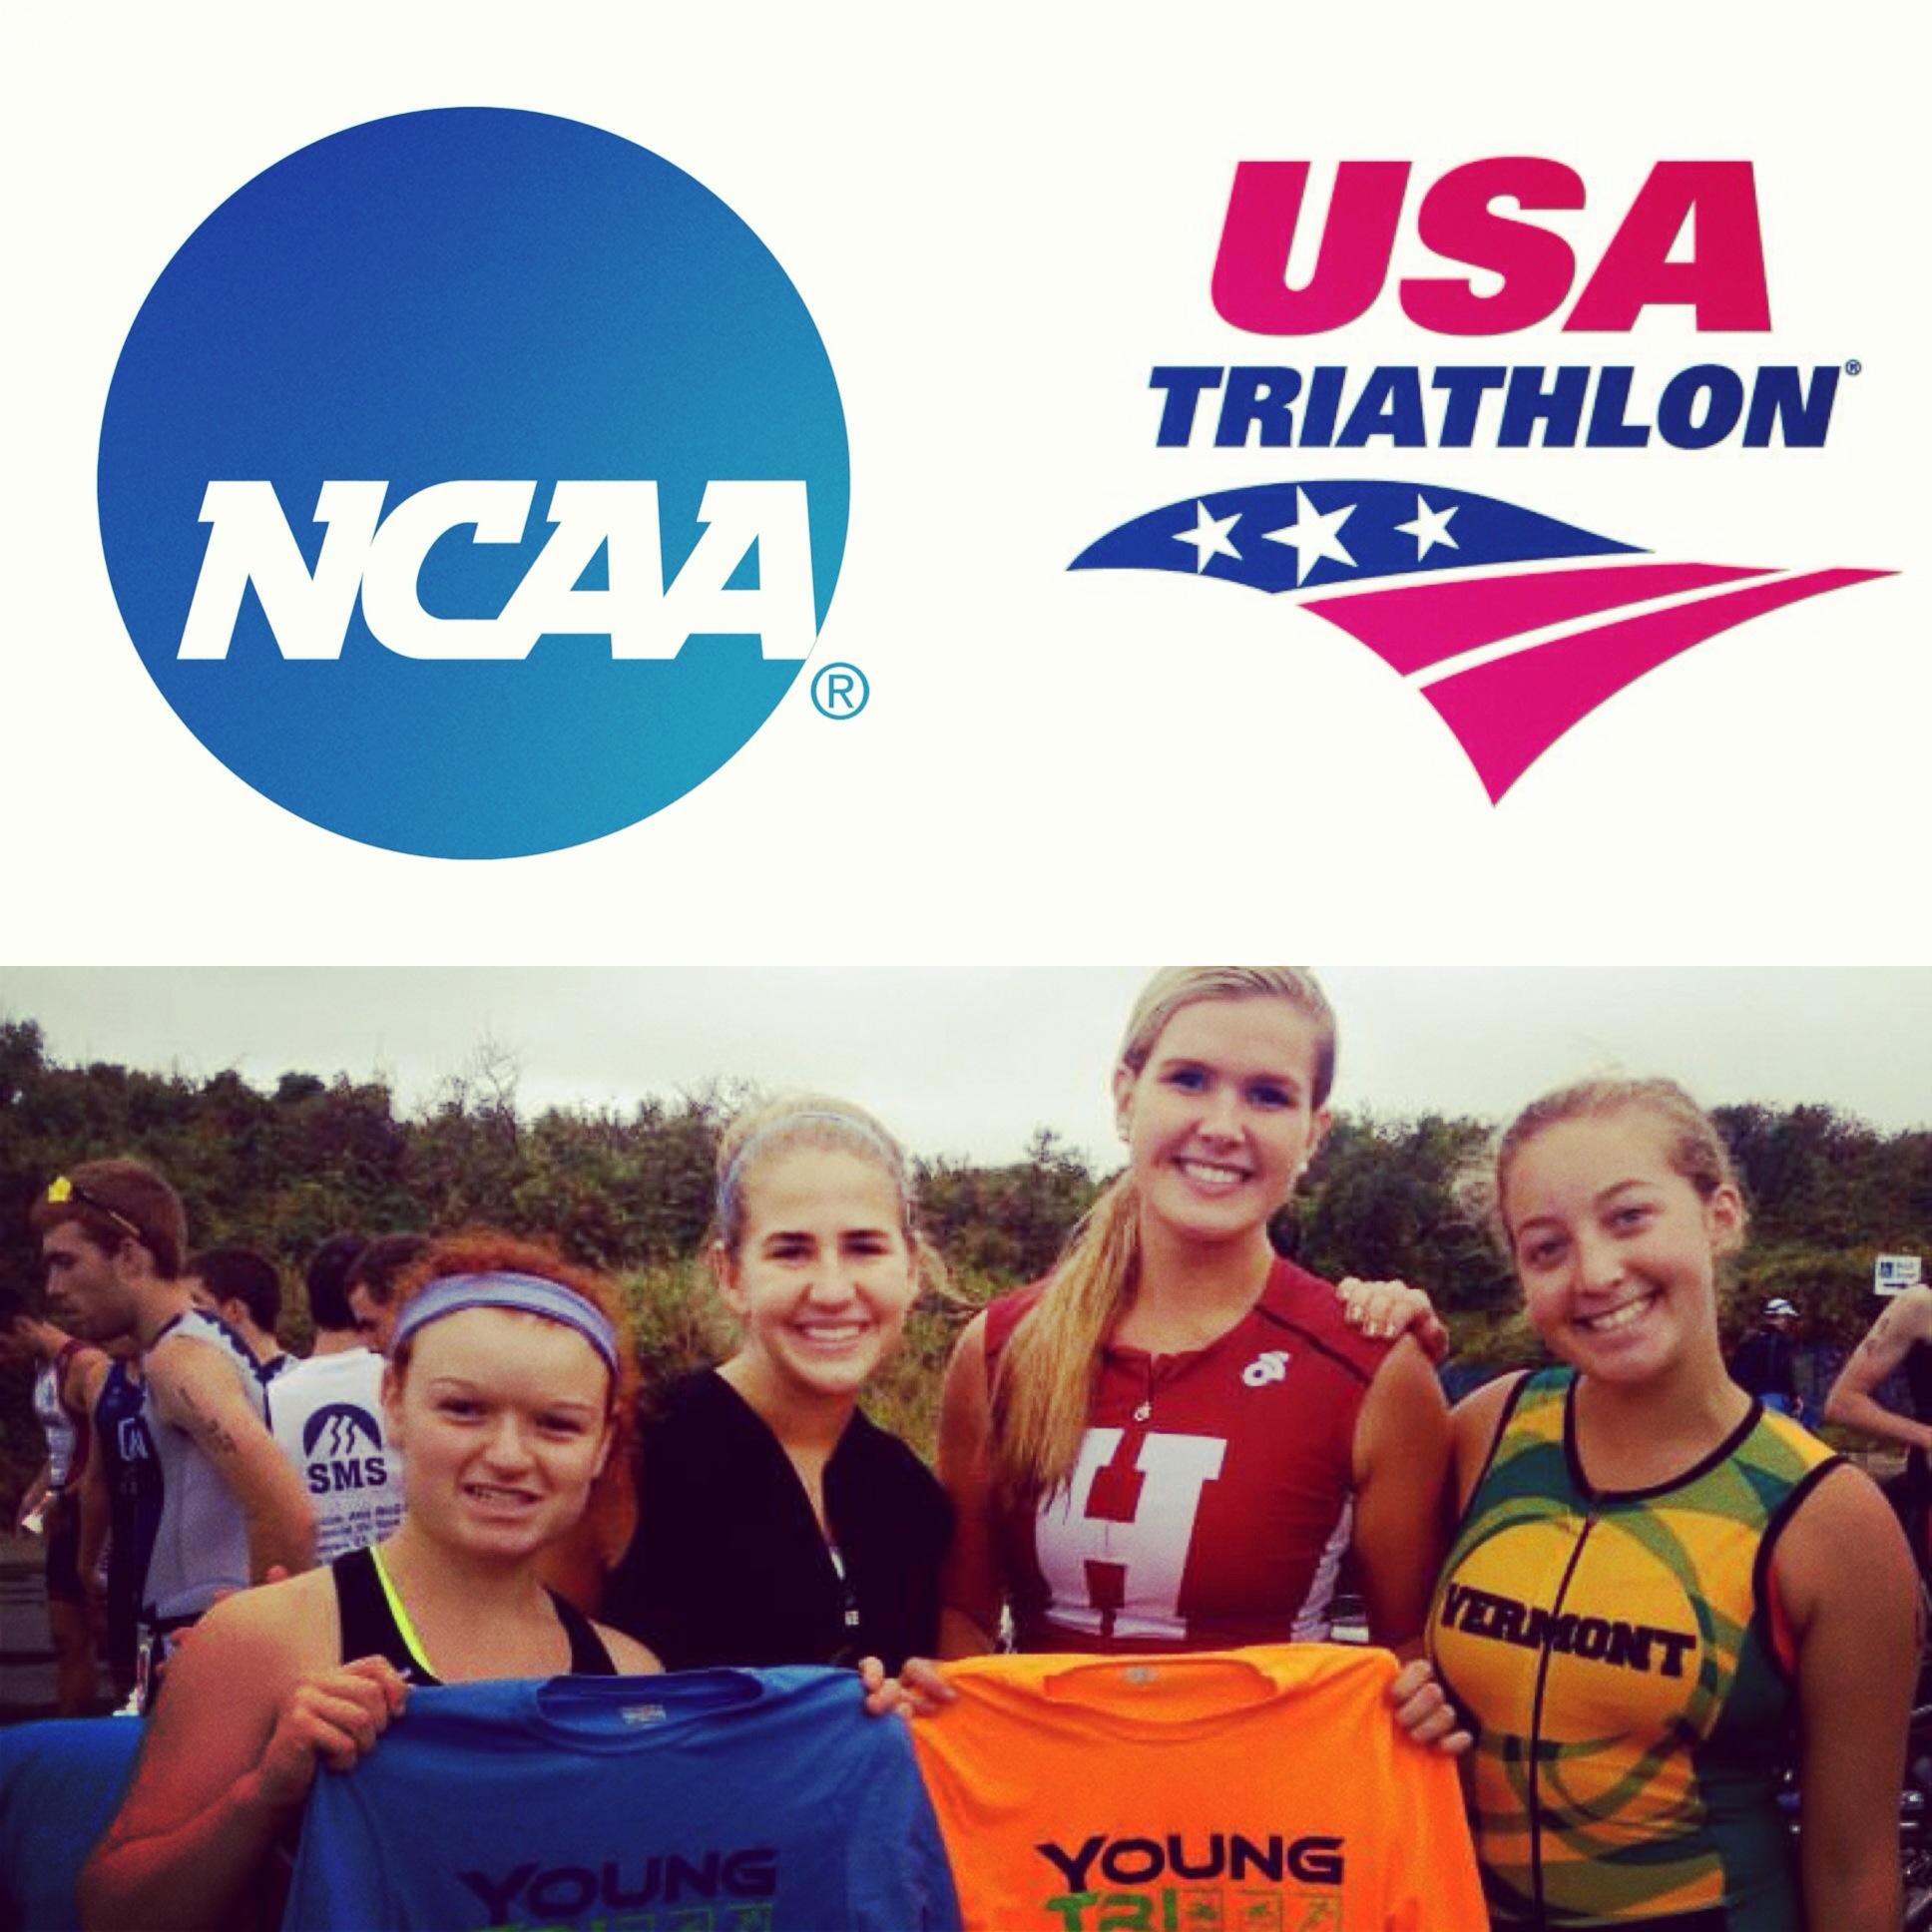 Women's Triathlon = Officially a NCAA Division 1 Emerging